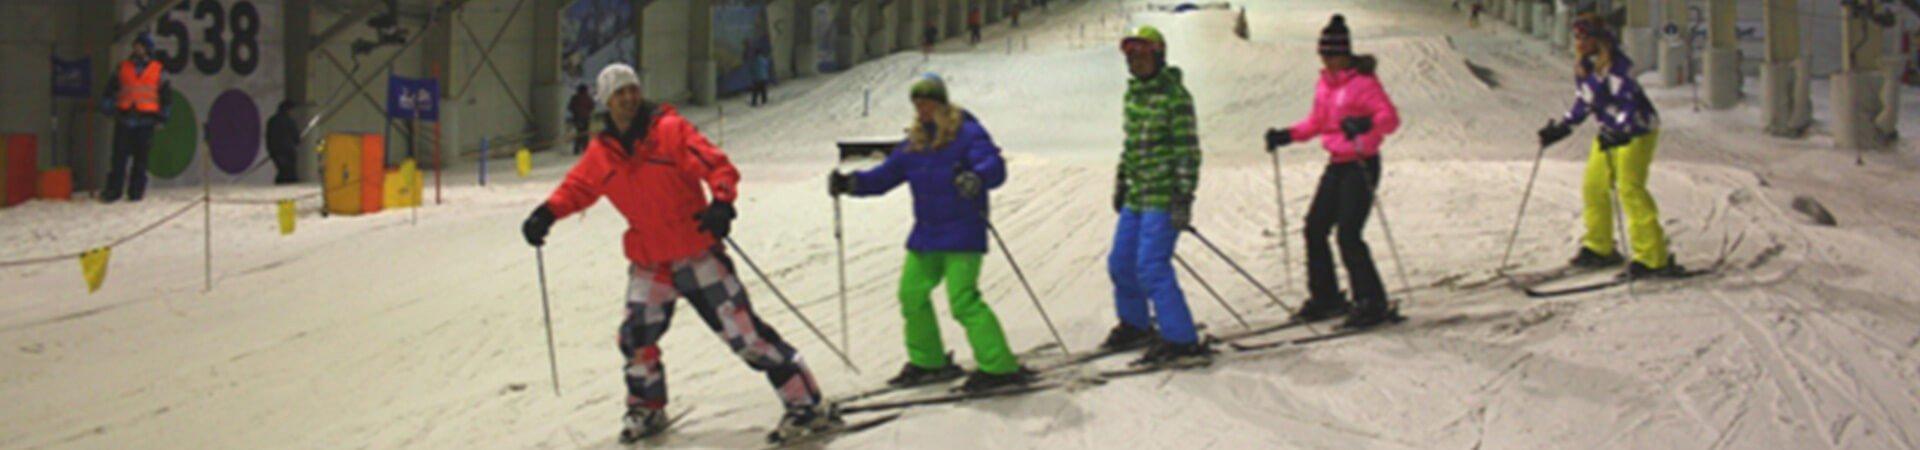 Skiën en Quad Rijden